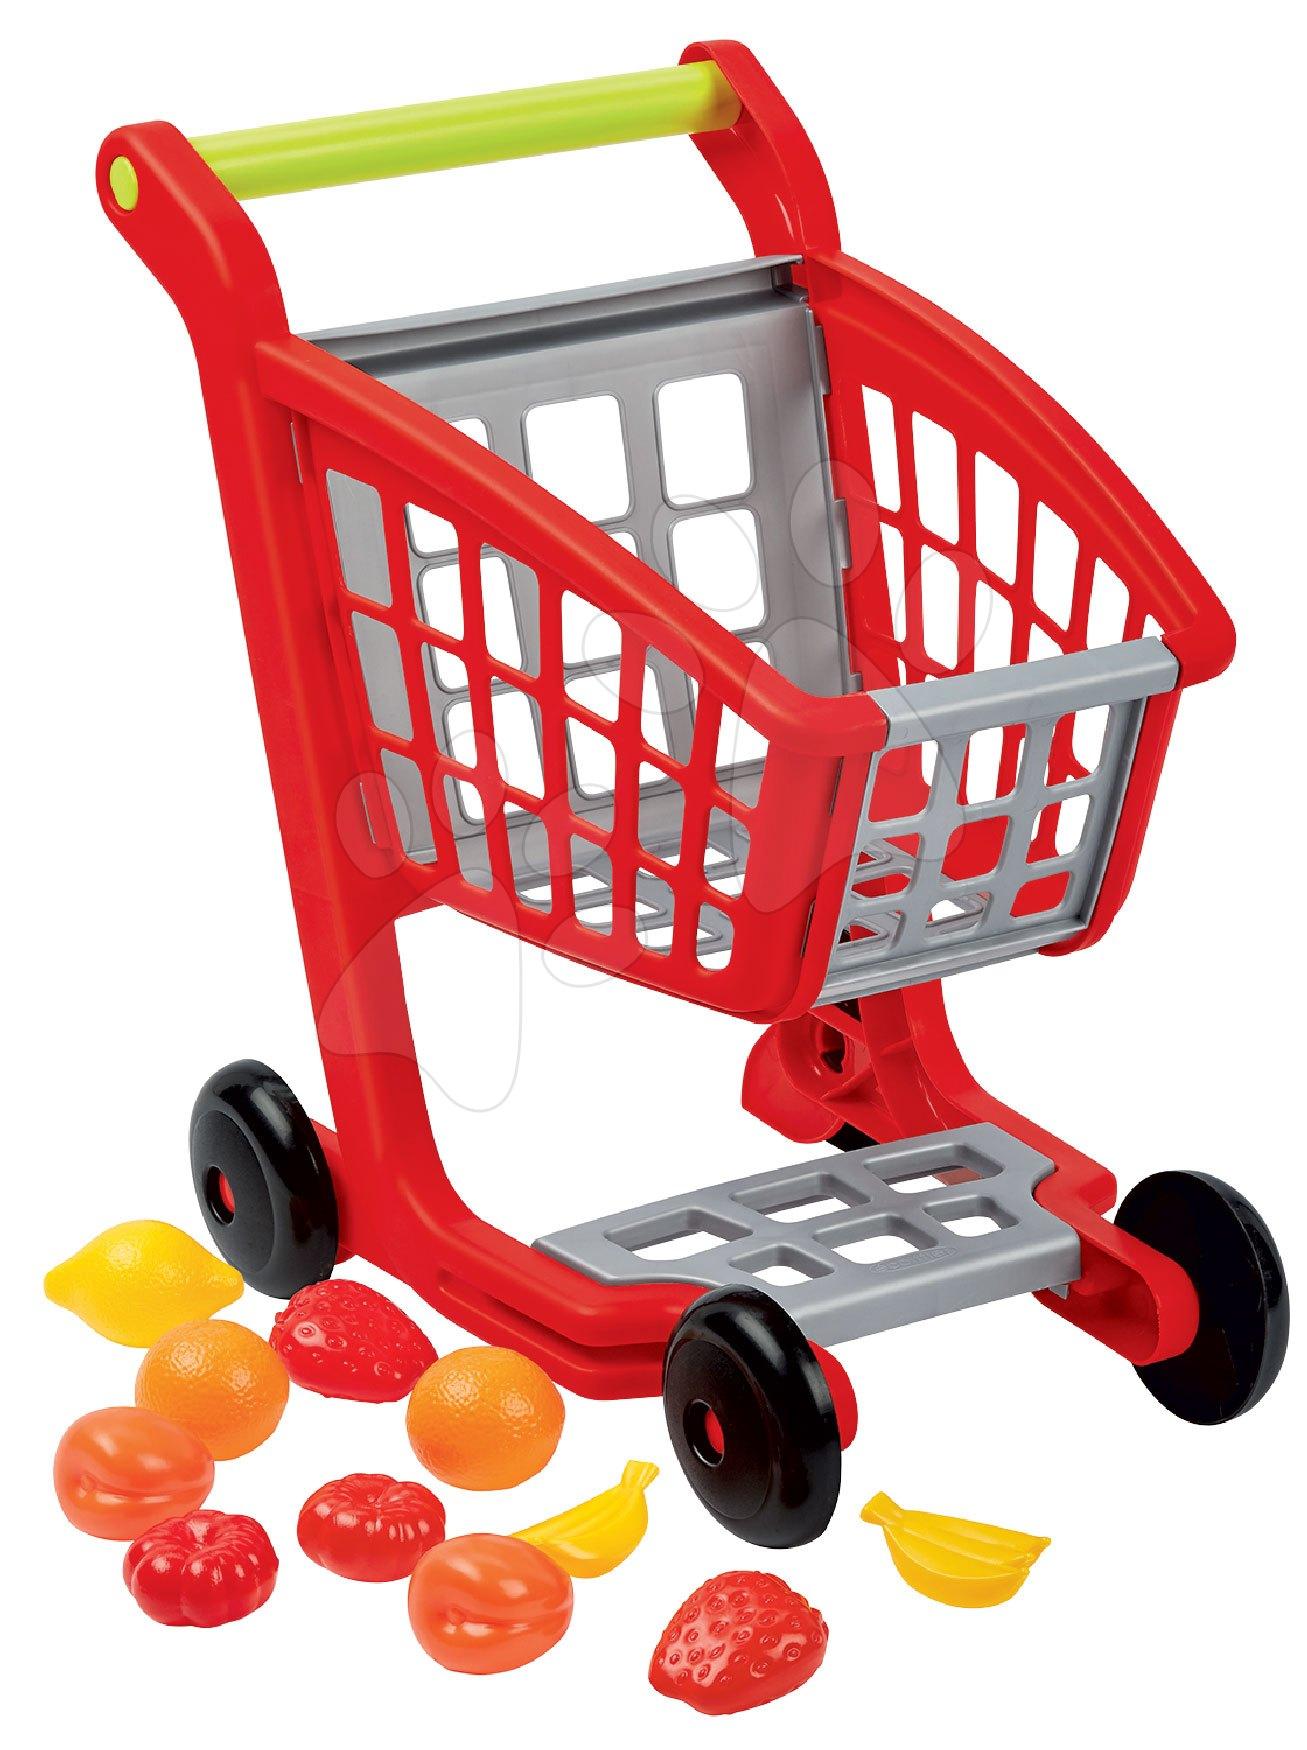 Obchody pre deti - Nákupný vozík 100% Chef Écoiffier s potravinami a 13 doplnkami červeno-strieborný od 18 mes